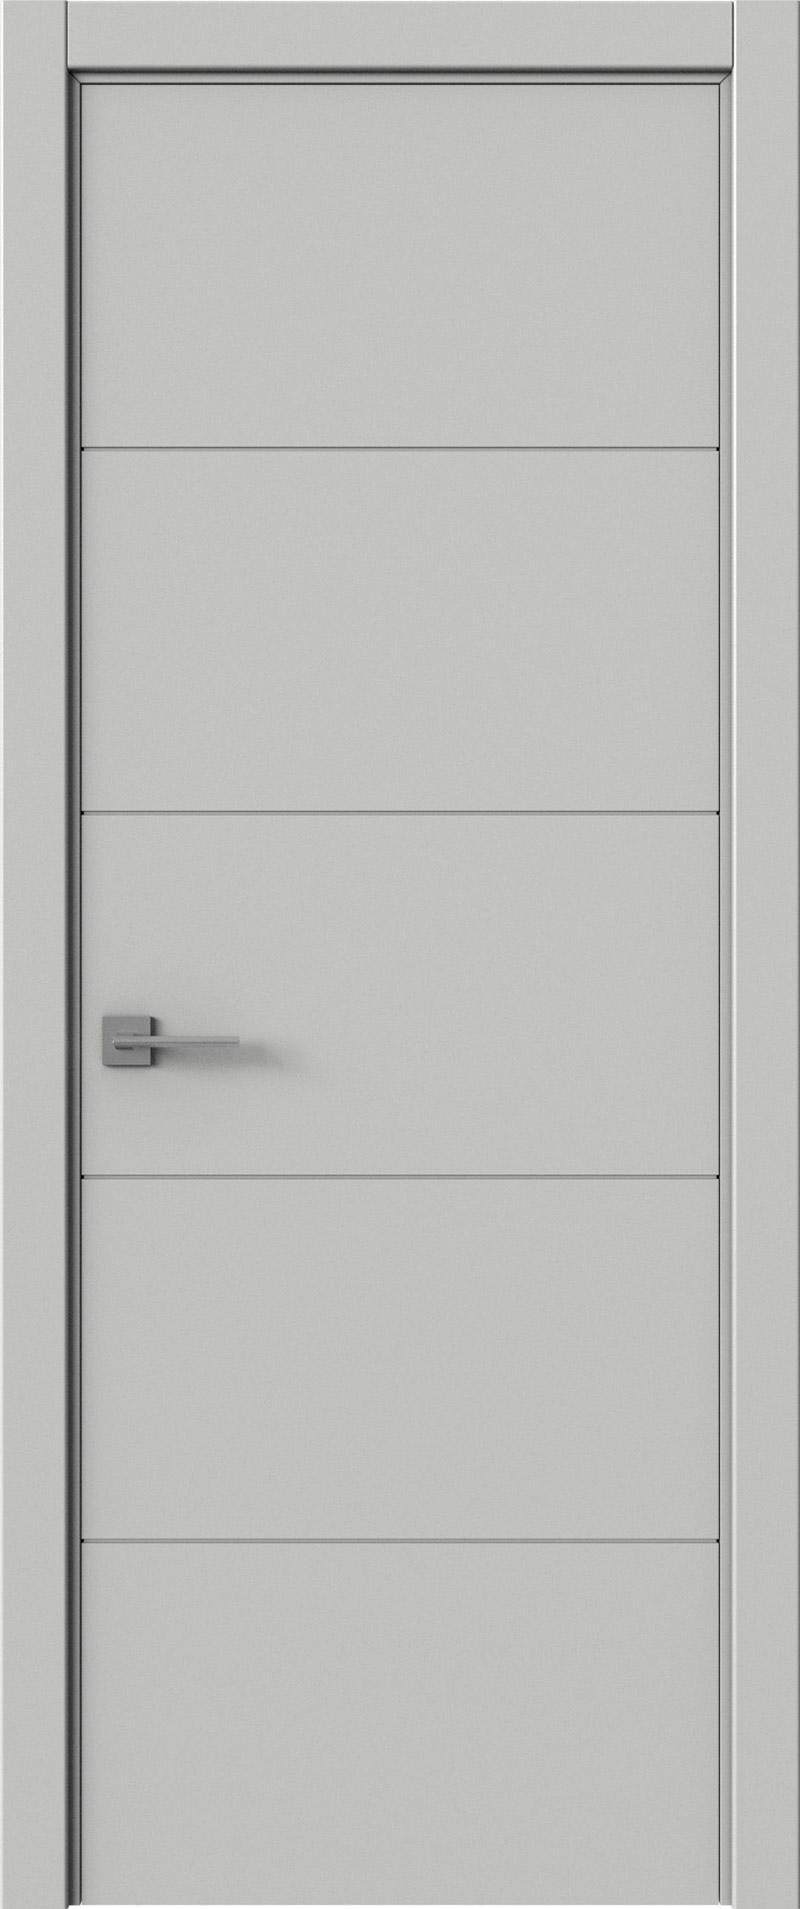 Tivoli Д-2 цвет - Серая эмаль (RAL 7047) Без стекла (ДГ)